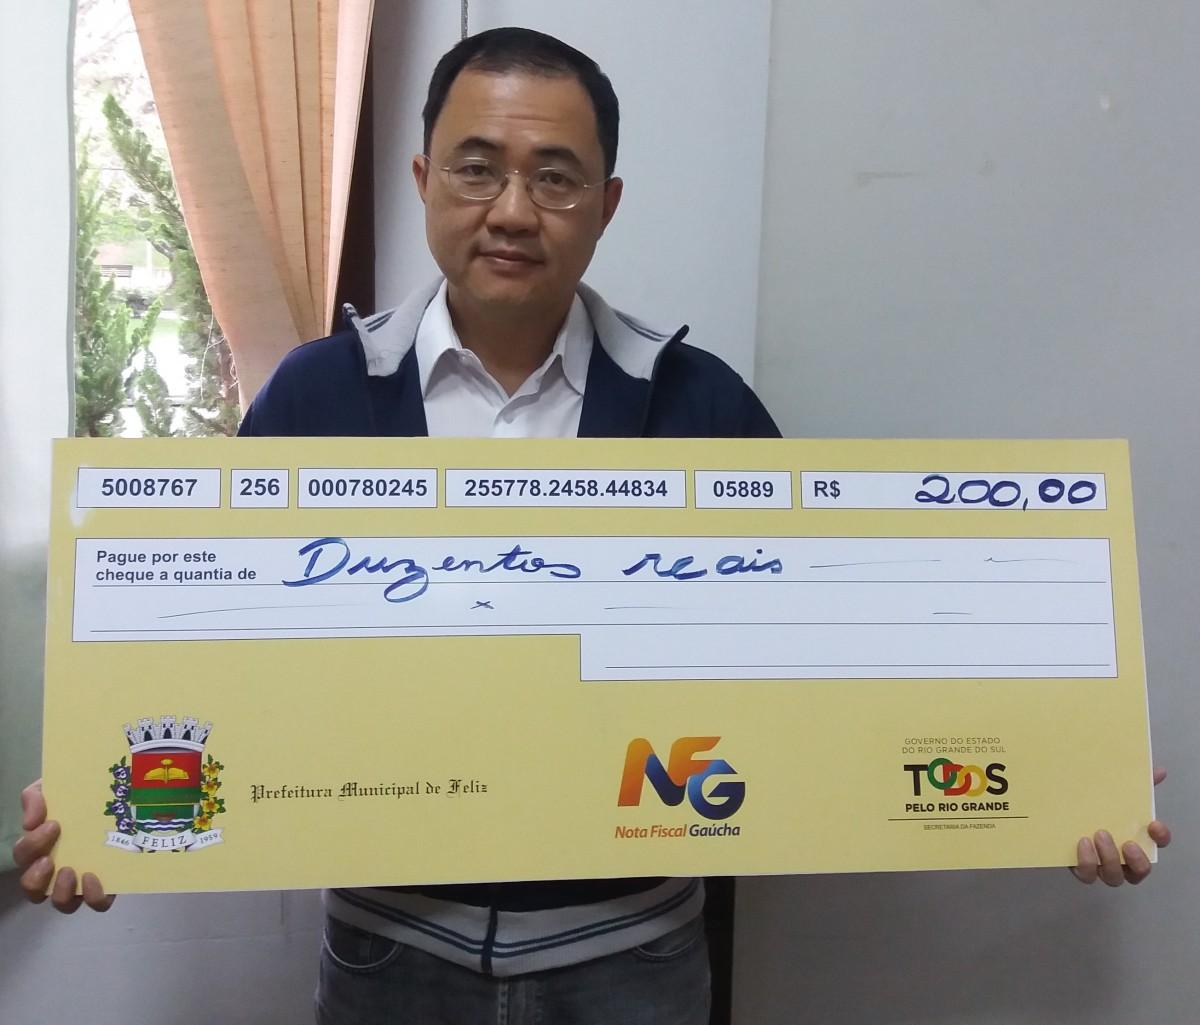 Mais um ganhador da Nota Fiscal Gaúcha Municipal